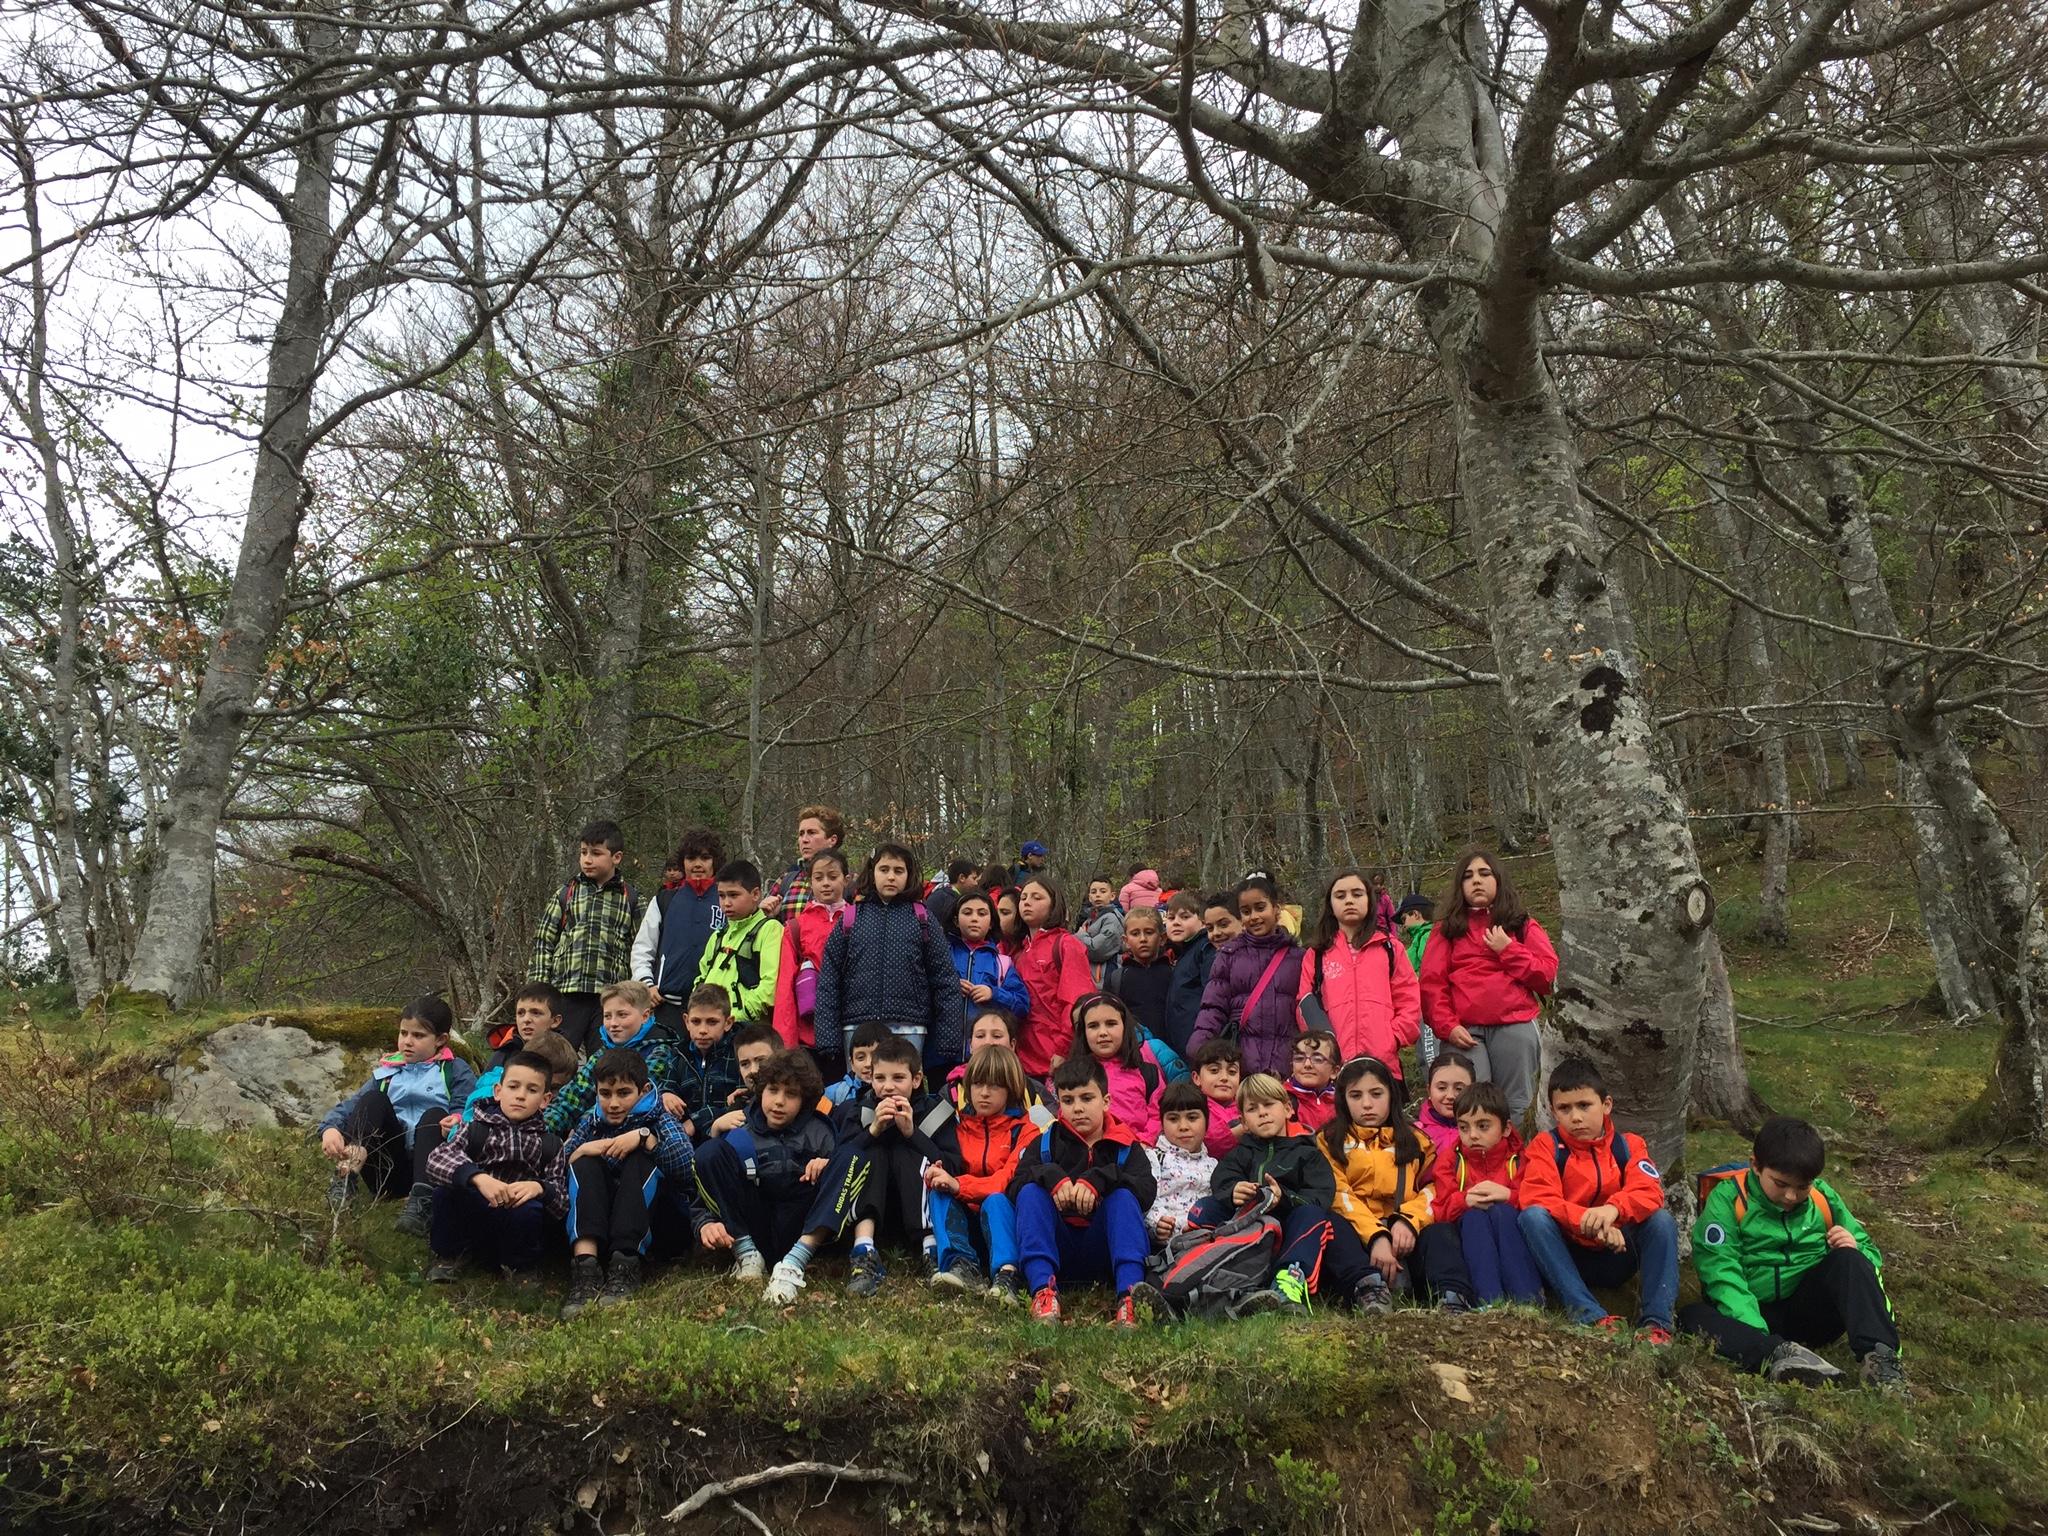 Nuevo éxito de participación en el Programa de Educación Ambiental